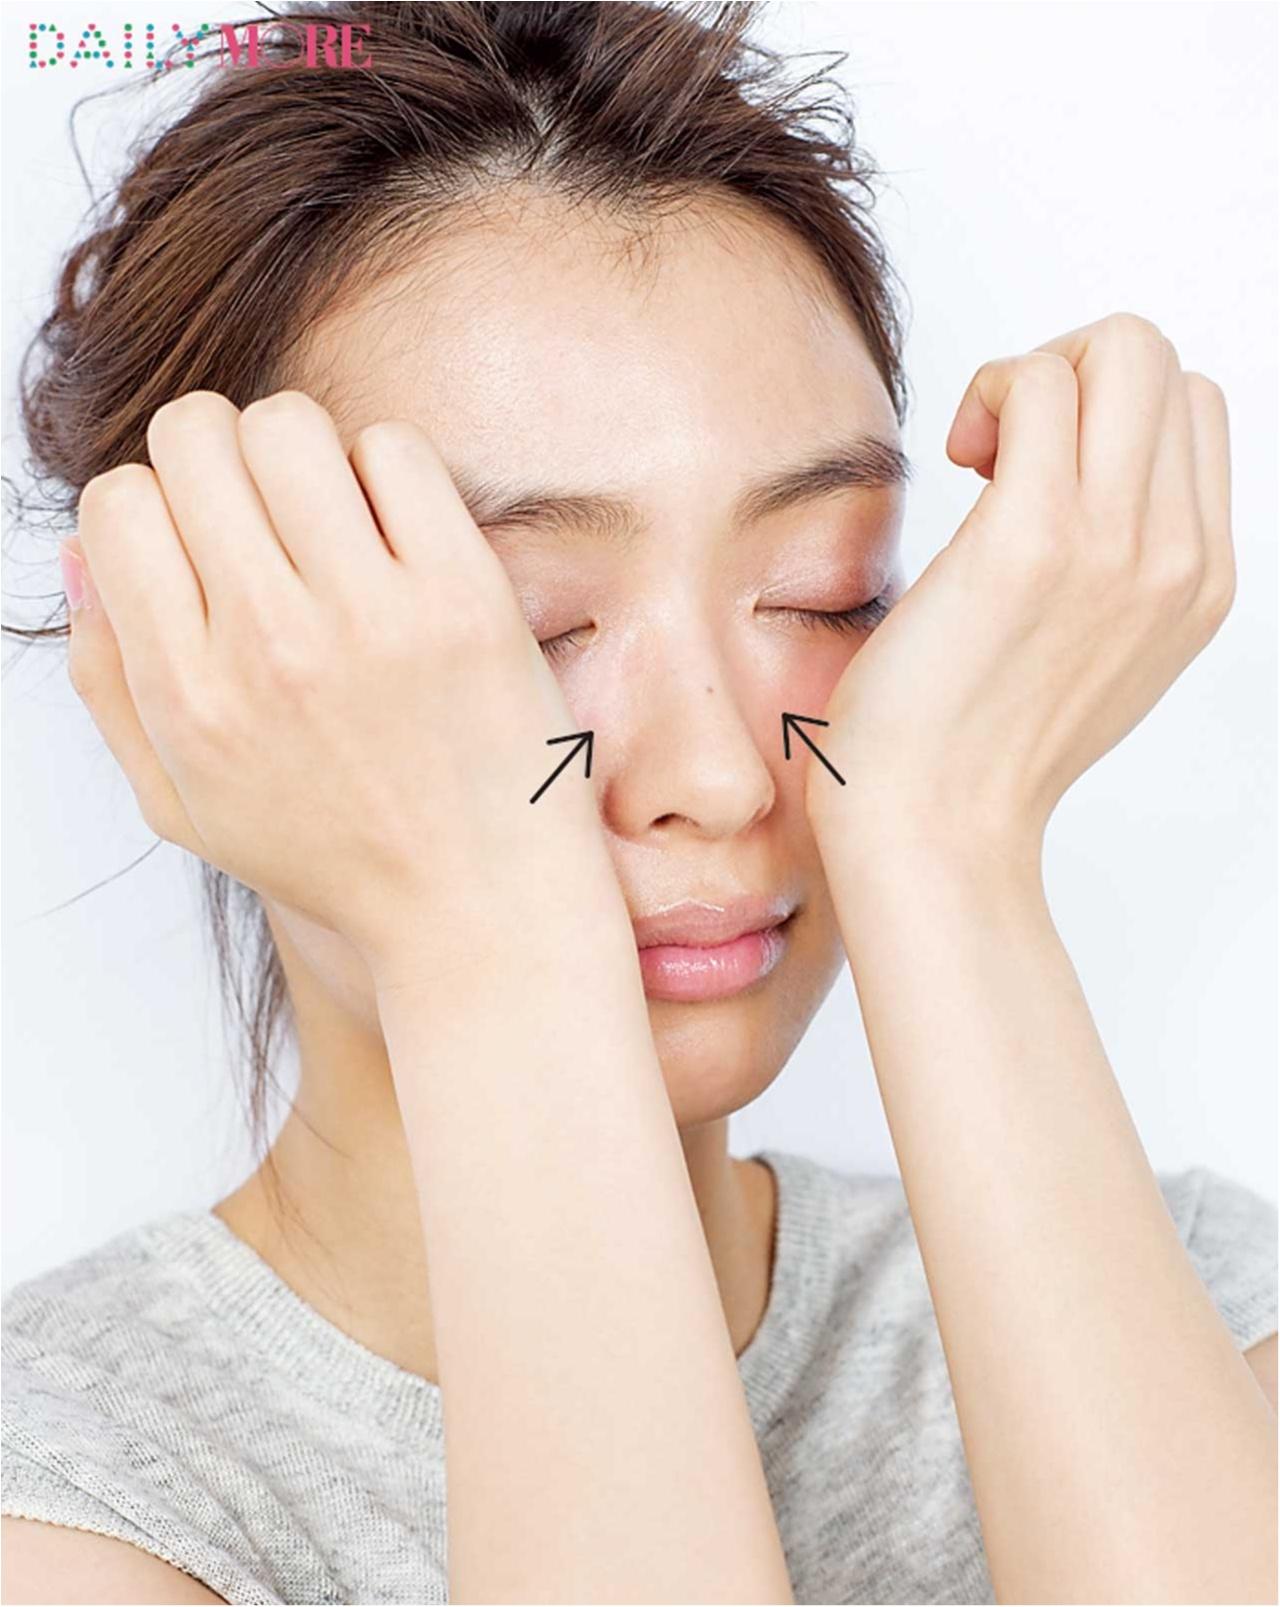 小顔マッサージ特集 - すぐにできる! むくみやたるみを解消してすっきり小顔を手に入れる方法_74